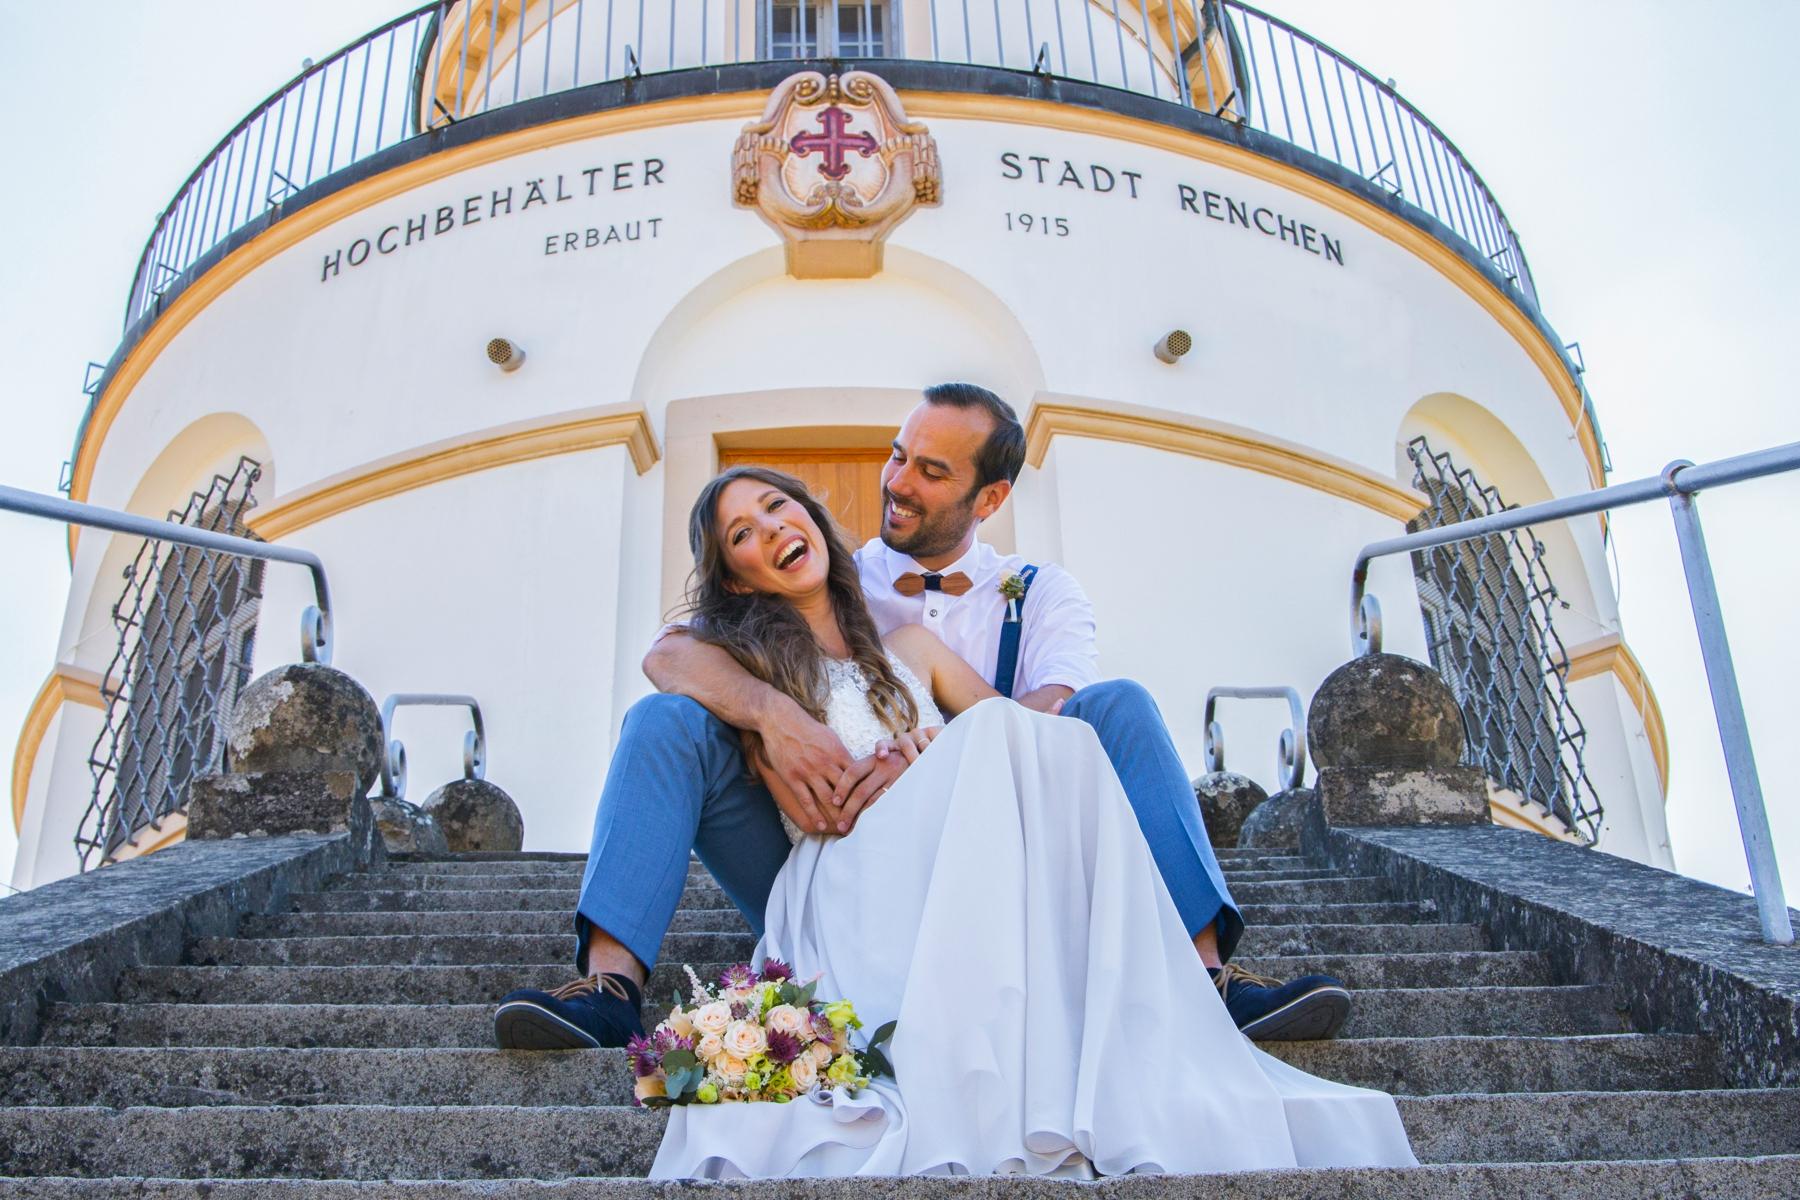 Brautpaar vor Hochbehälter Renchen sitzend